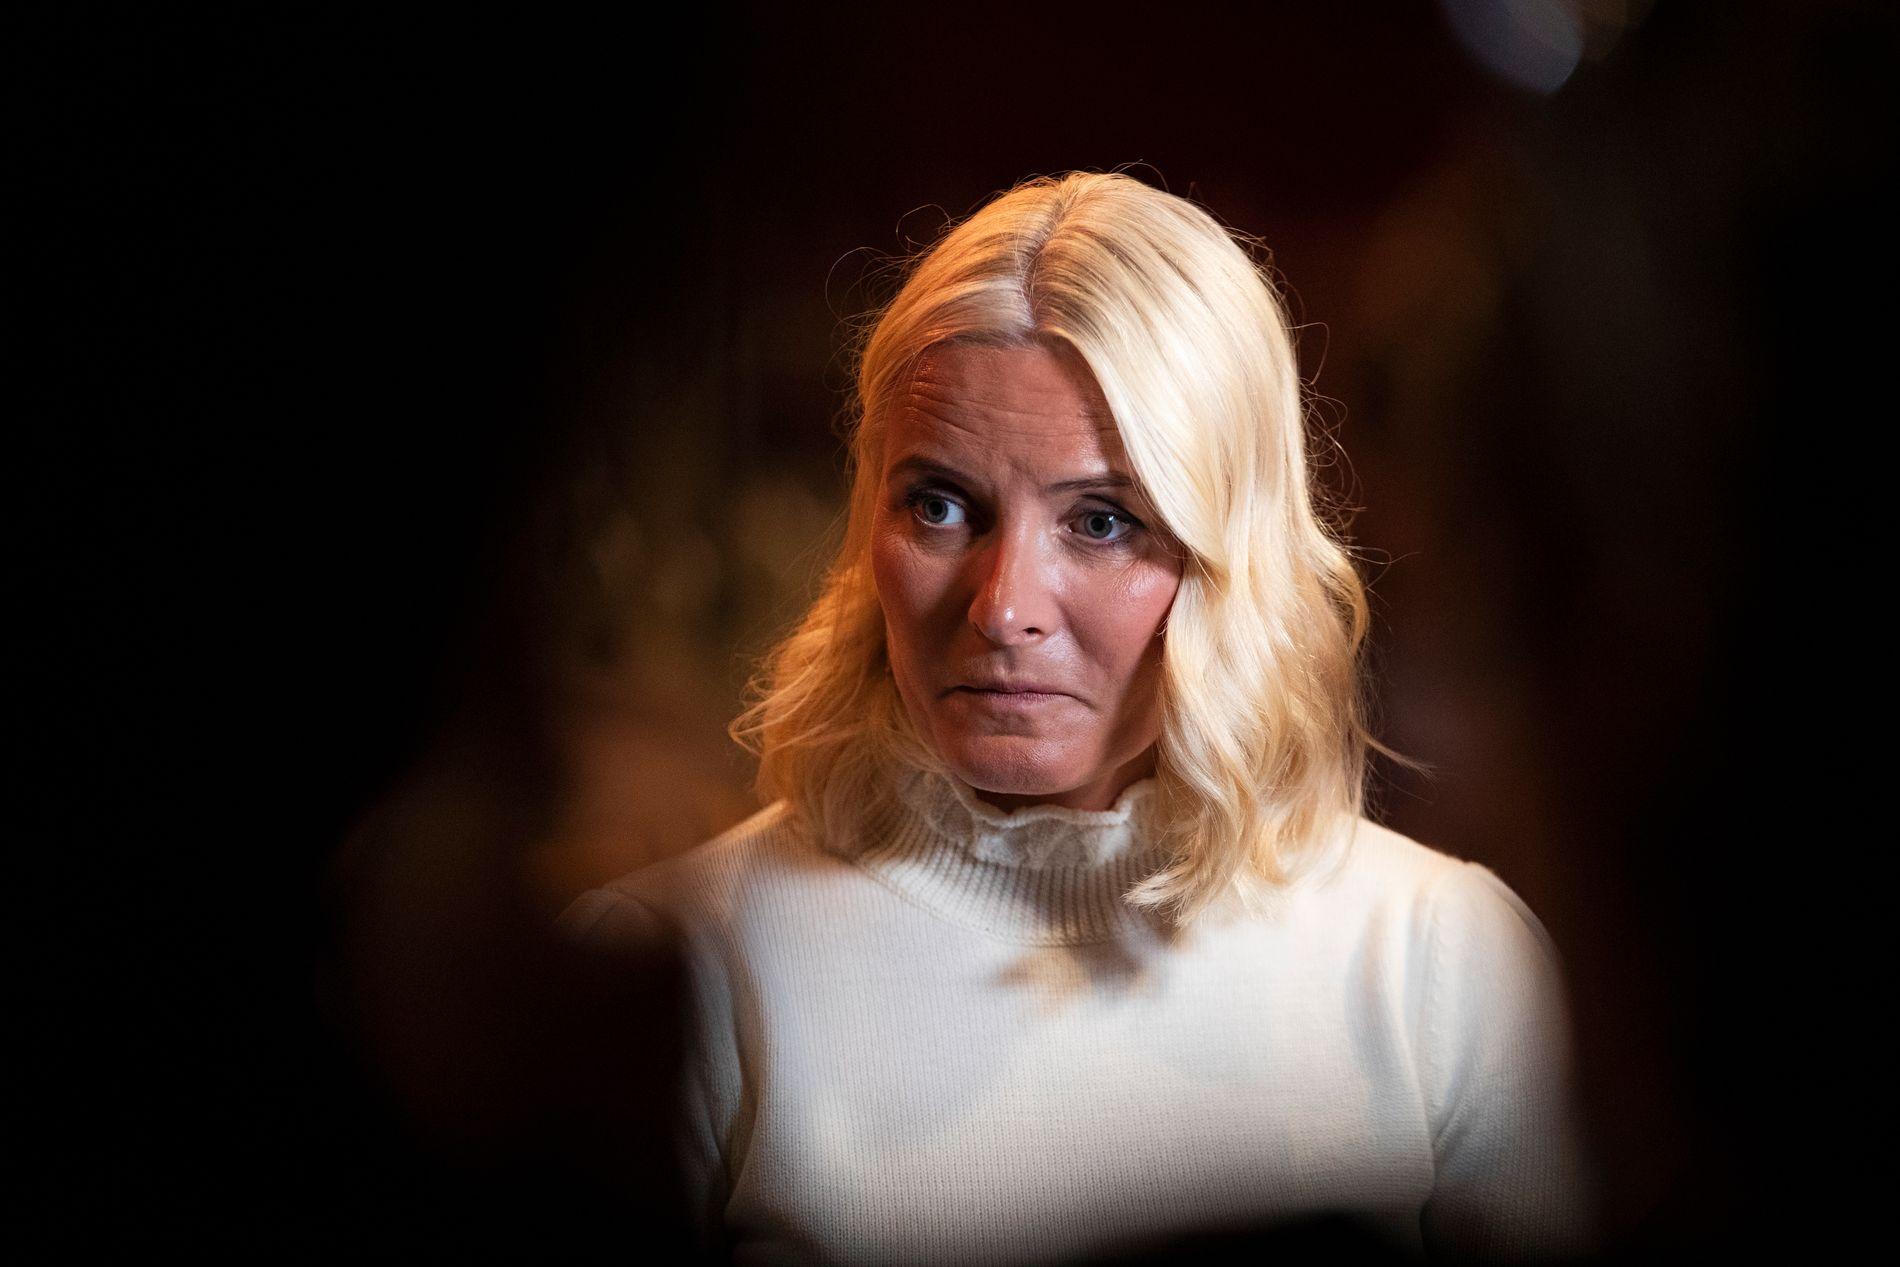 NESTEN-TÅRER: Kronprinsesse Mette-Marit har lest boken «Tung tids tale» to ganger, og la ikke skjul på sitt brennende engasjement for temaet da hun tirsdag møtte presse.